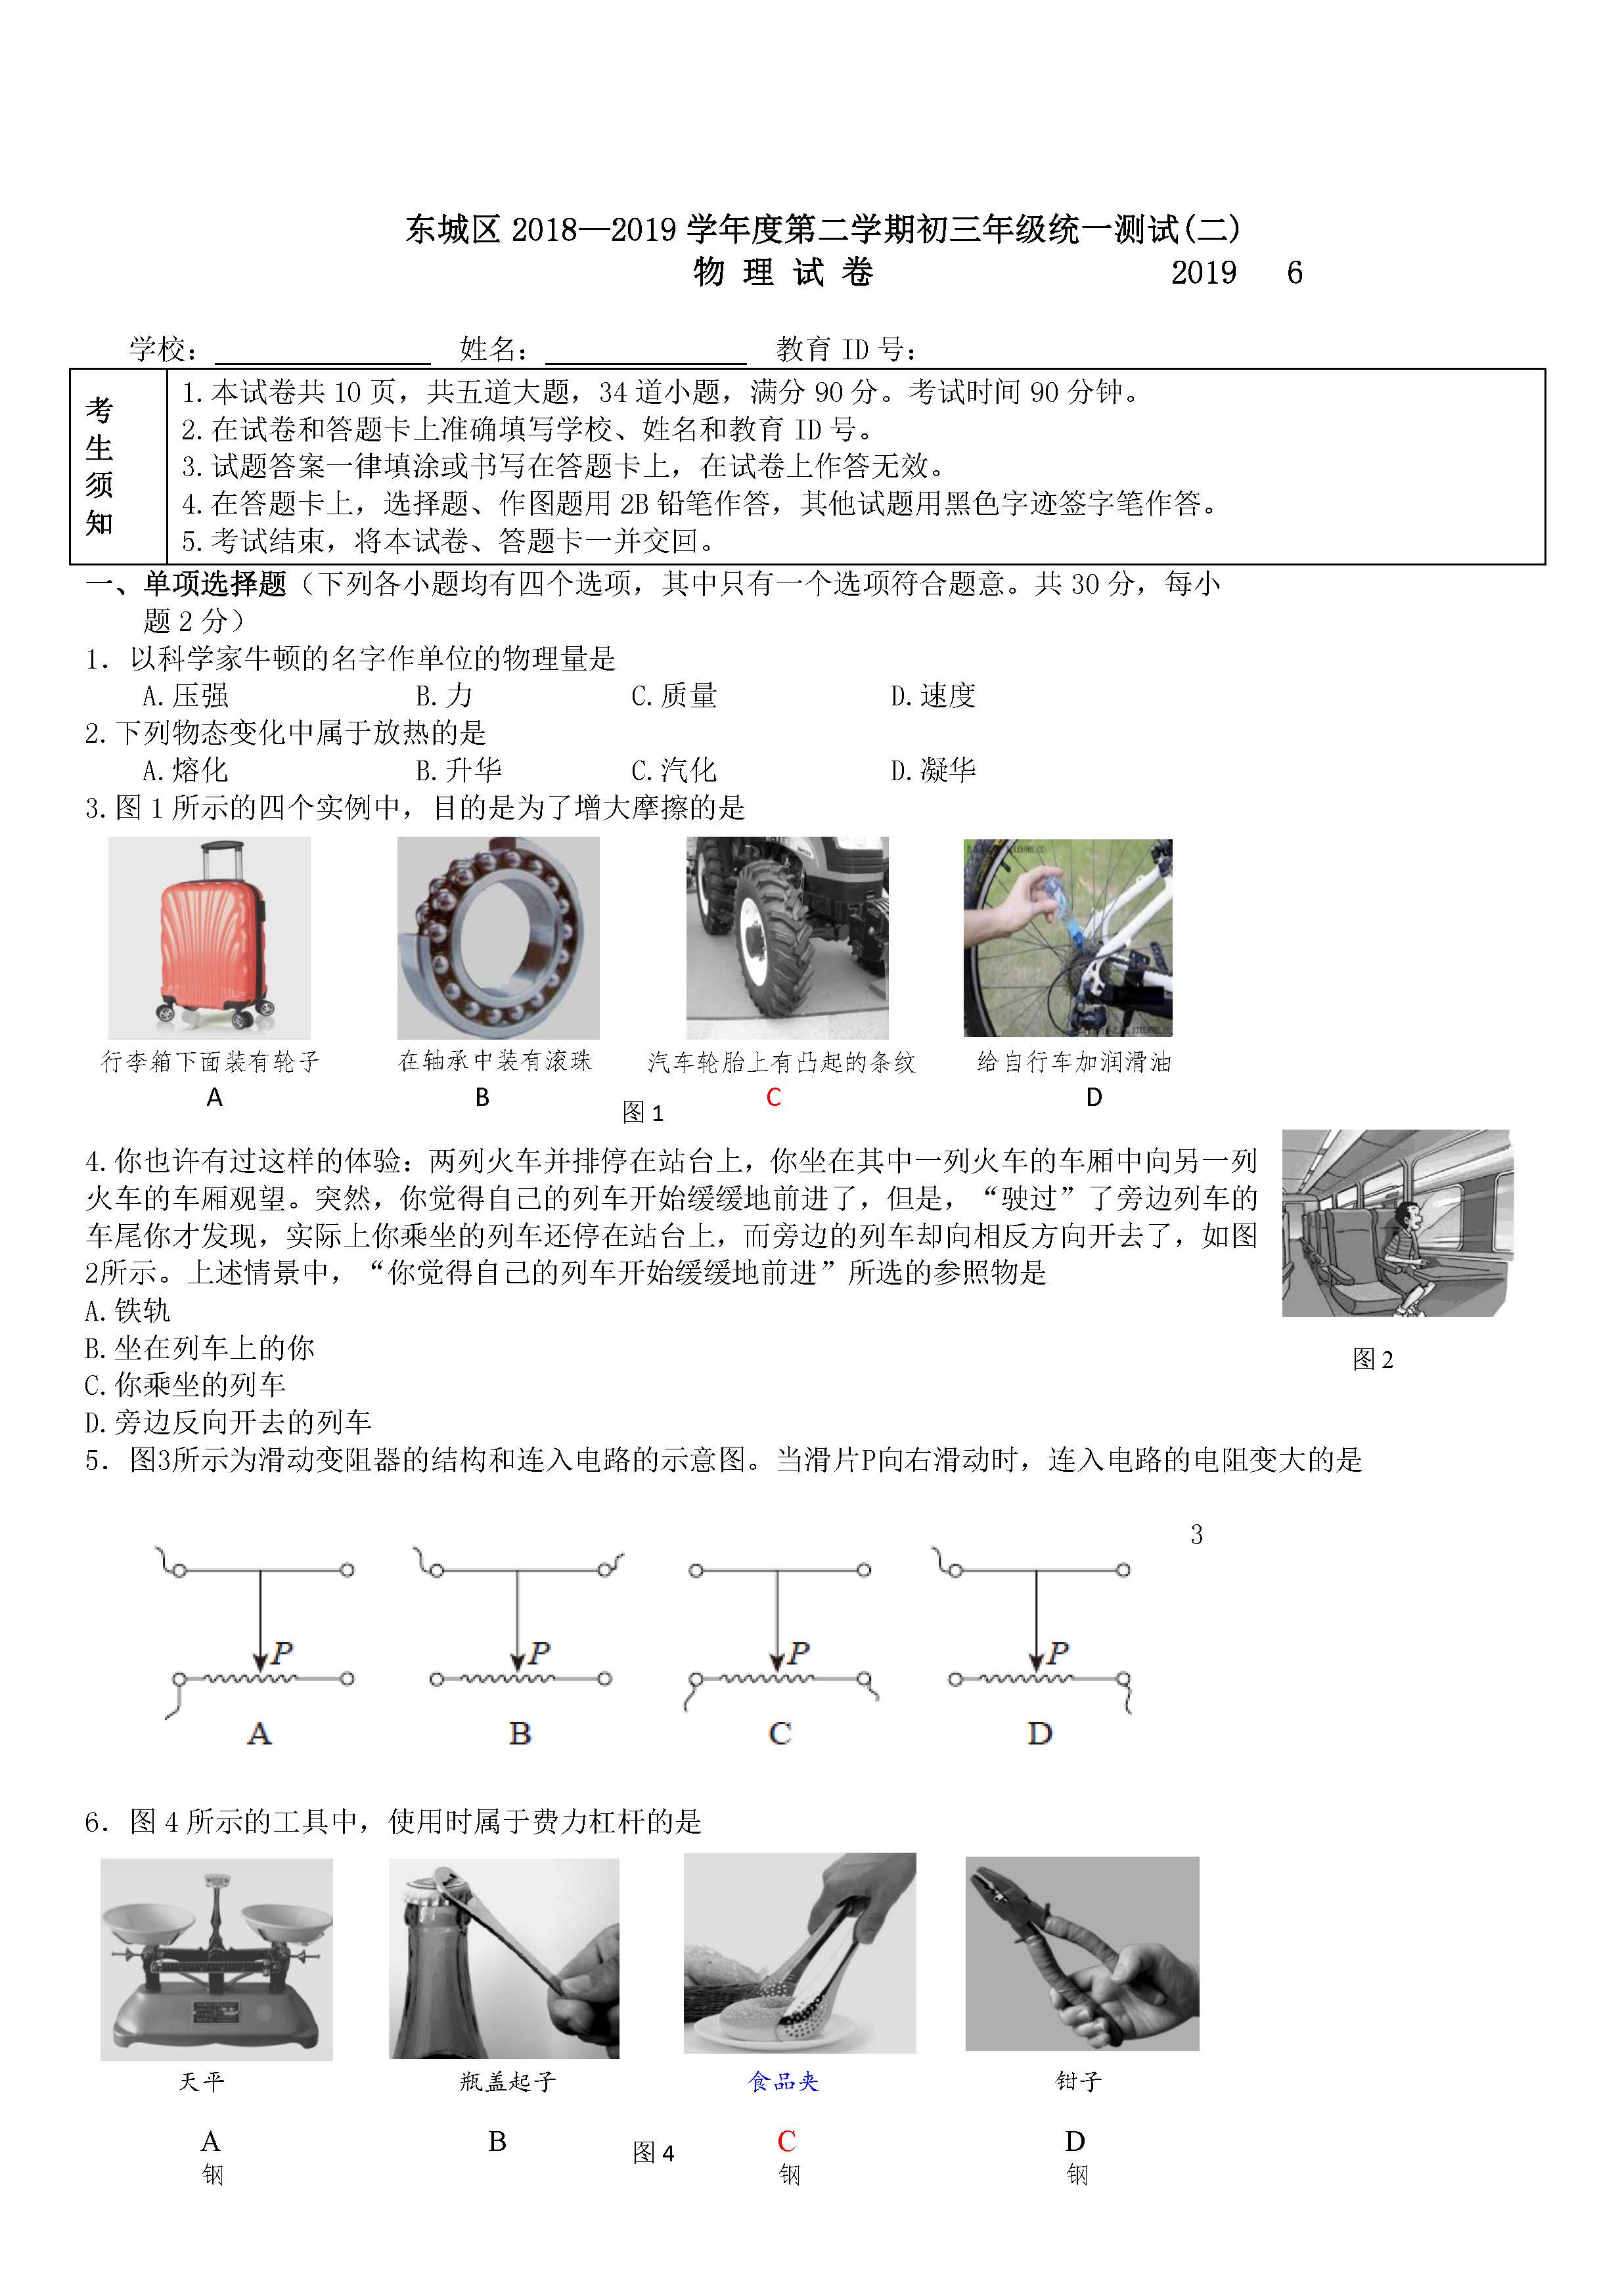 2019北京东城中考二模物理试题及答案